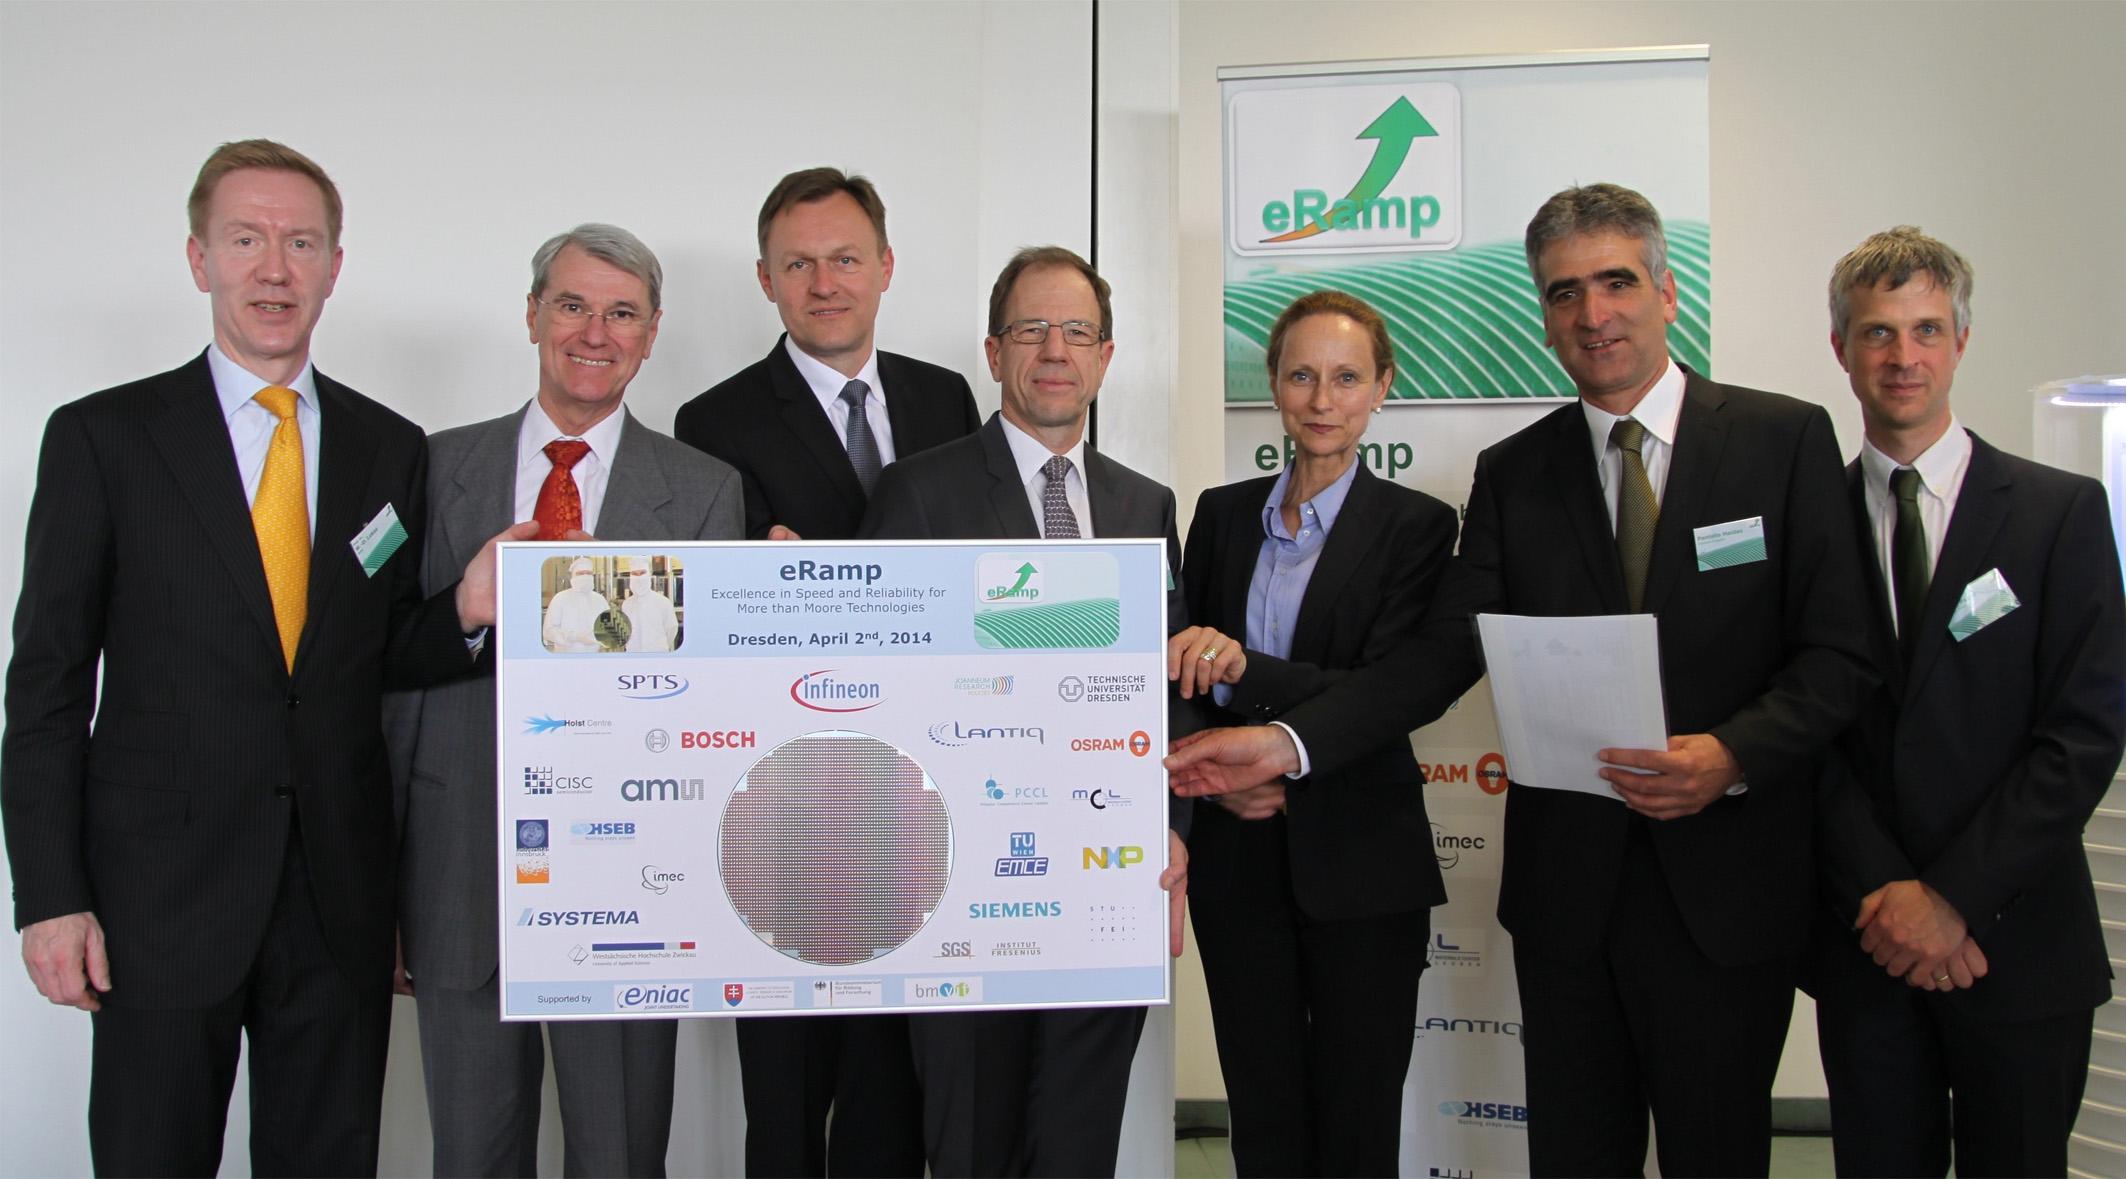 """ENIAC: Schlüsselprojekt """"eRamp"""" zur Stärkung der europäischen Elektronikindustrie"""